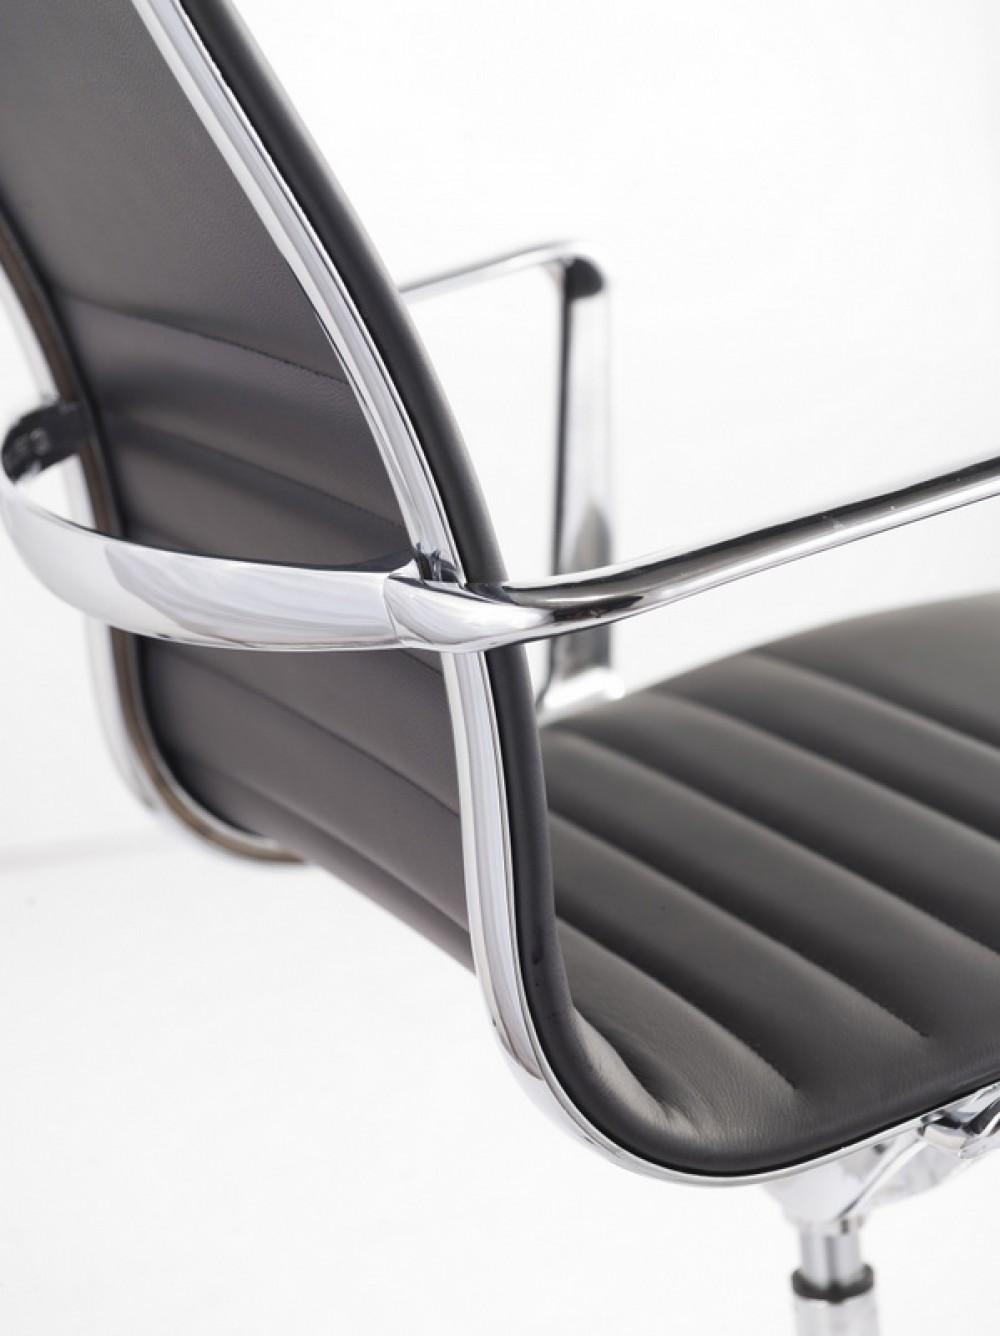 designer chefsessel mit echtleder bezogen in zwei farben schwarz und wei. Black Bedroom Furniture Sets. Home Design Ideas